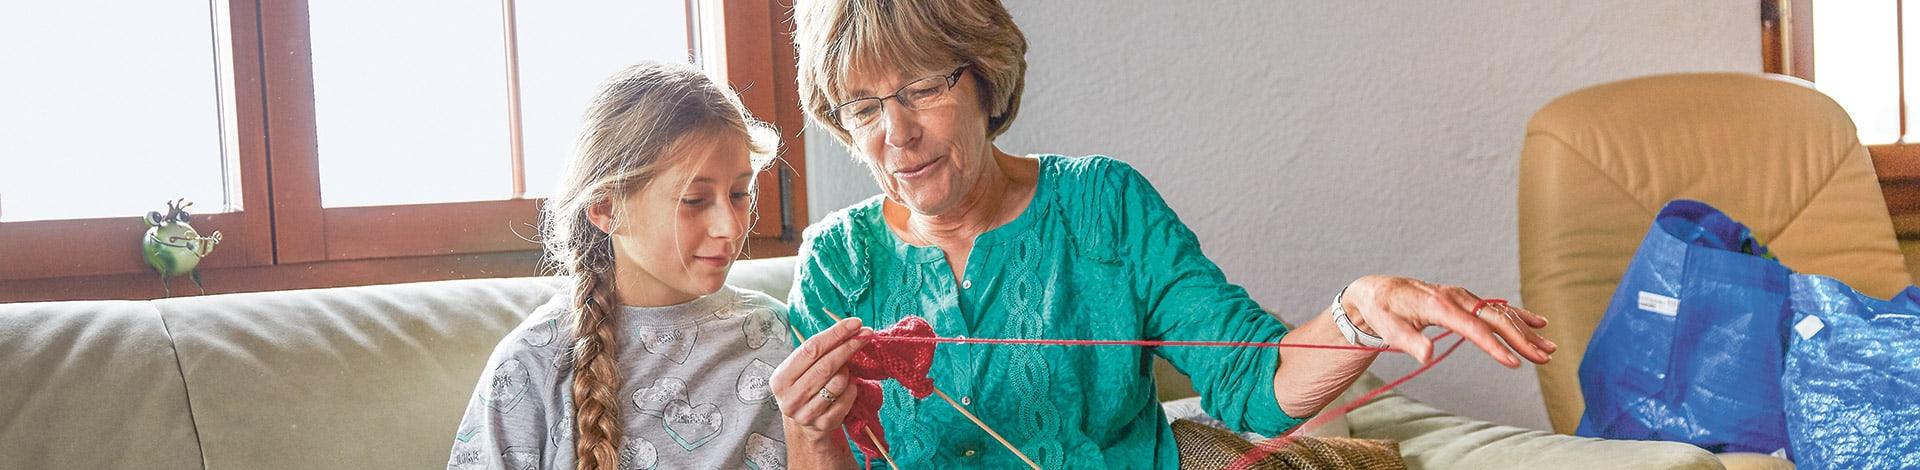 Assicurazione risparmio vincolata a fondi d investimento a for Assicurazione domestica